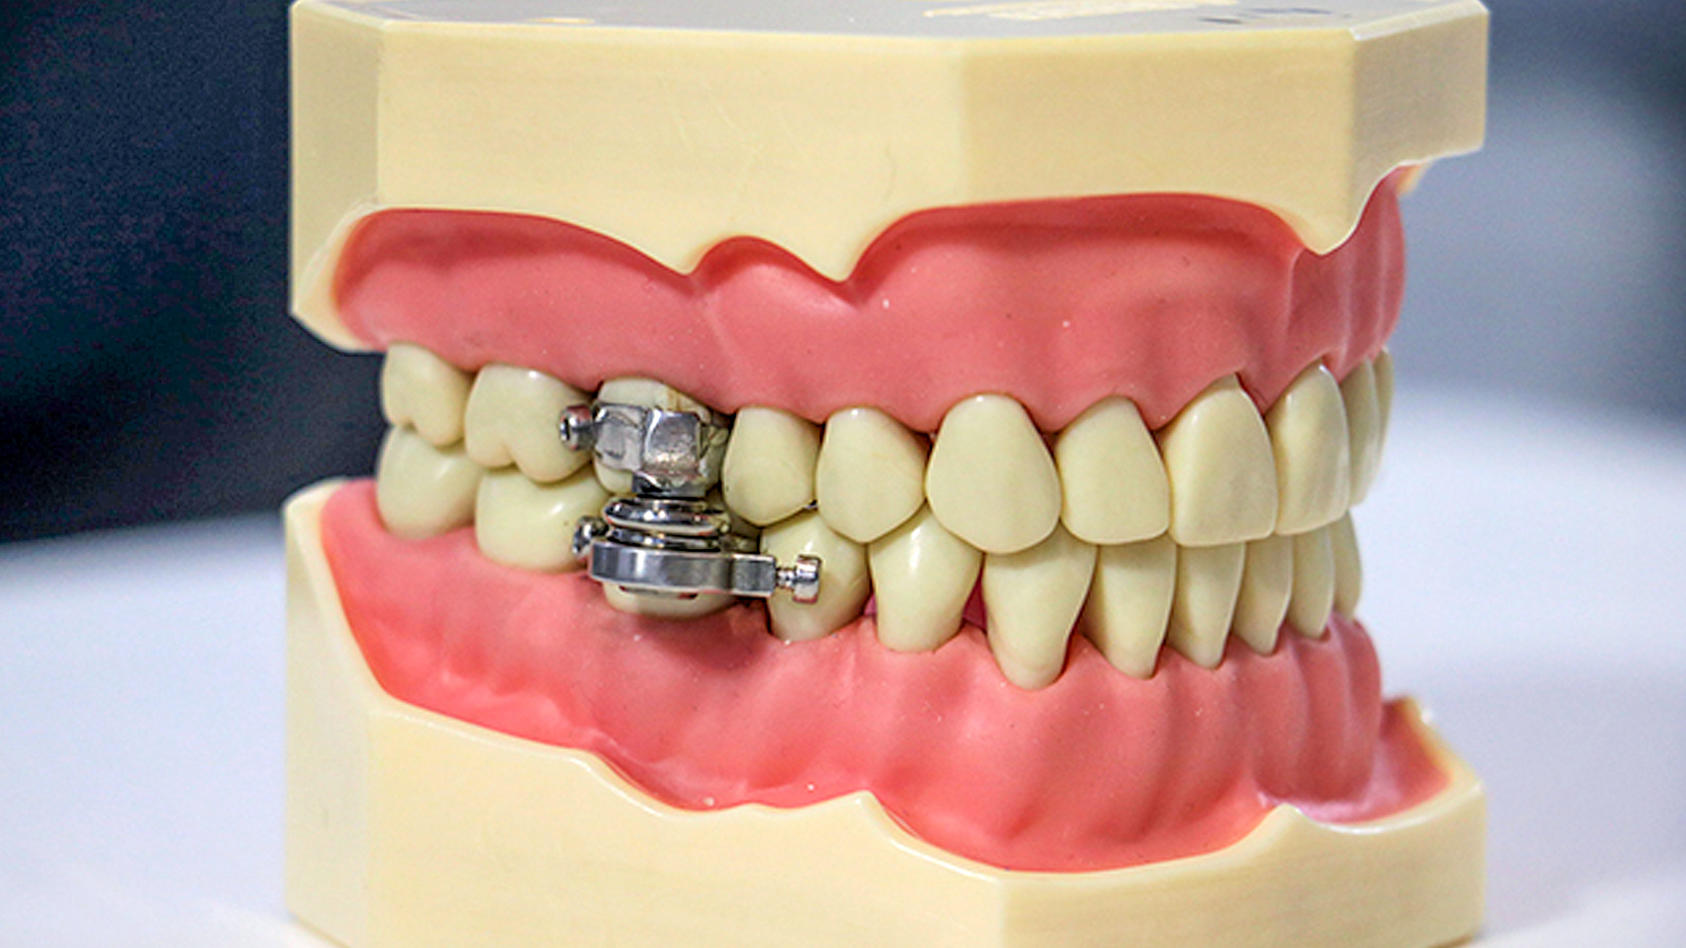 Zwei Magnete an den Backenzähnen sorgen dafür, dass der Mund nicht mehr weit aufgeht.